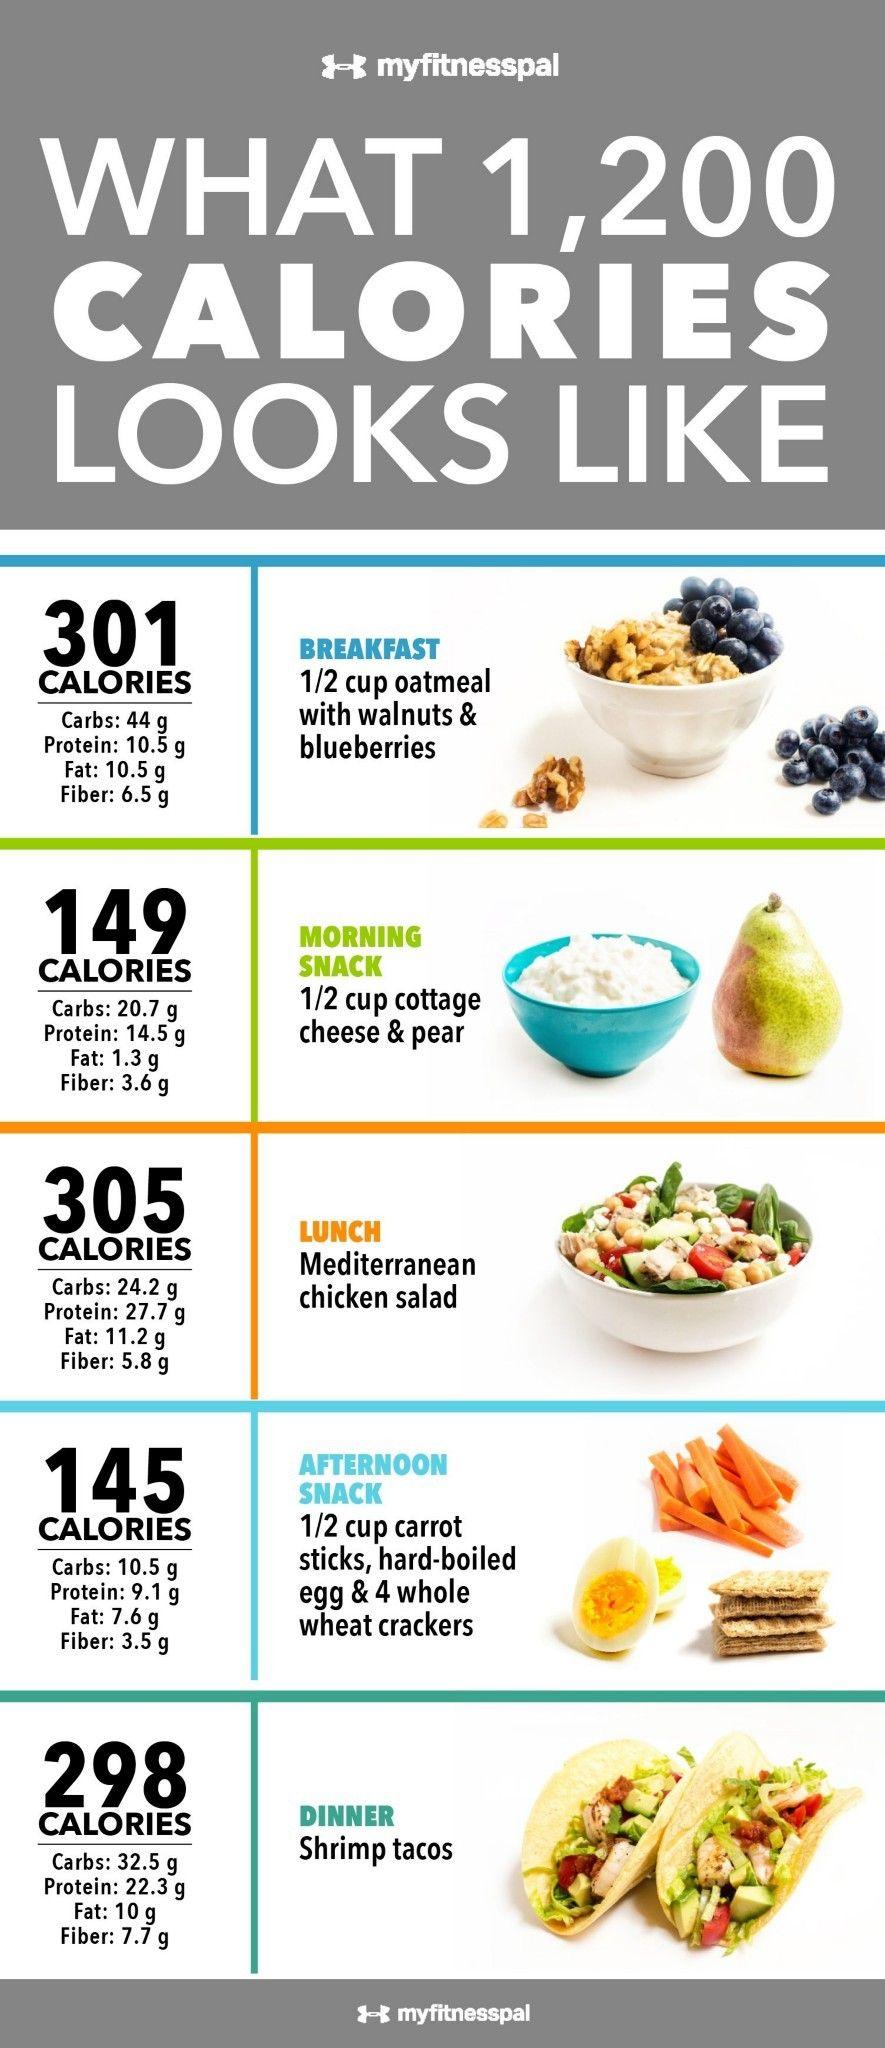 Idée recette minceur 1600 calories